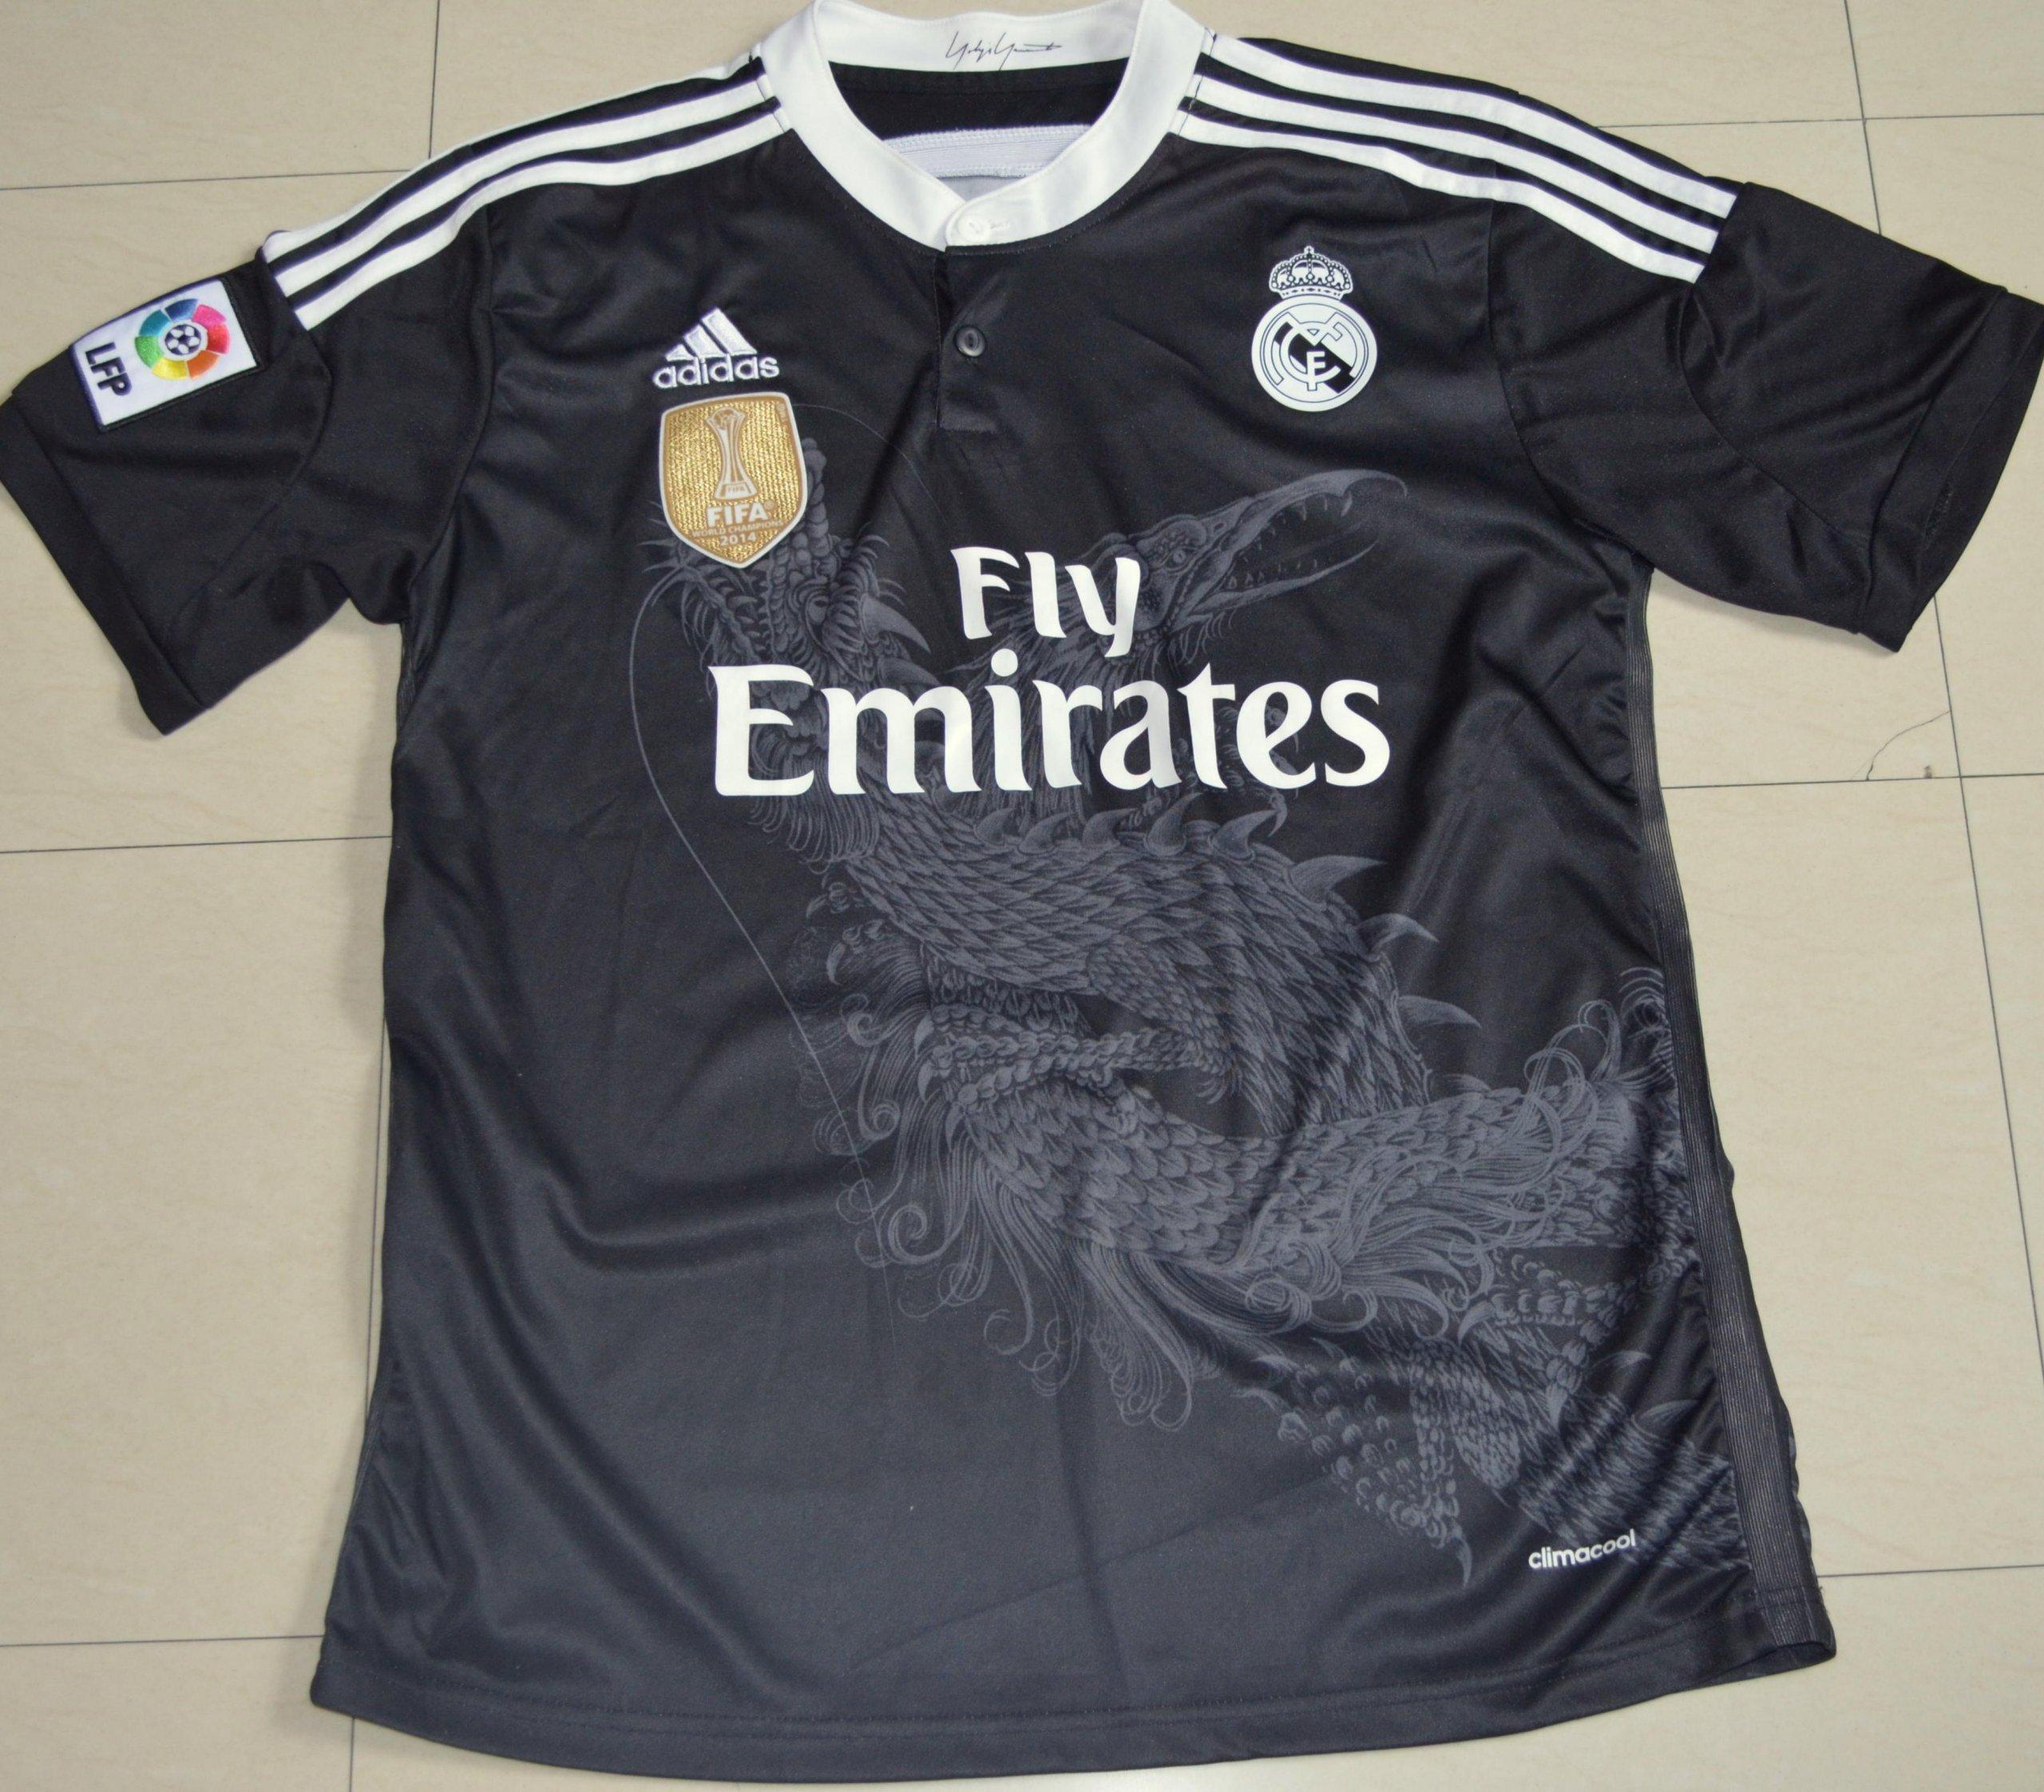 Zupełnie nowe Koszulka Real Madryt 2014/15 Fly Emirates Adidas M - 7198834933 RD72